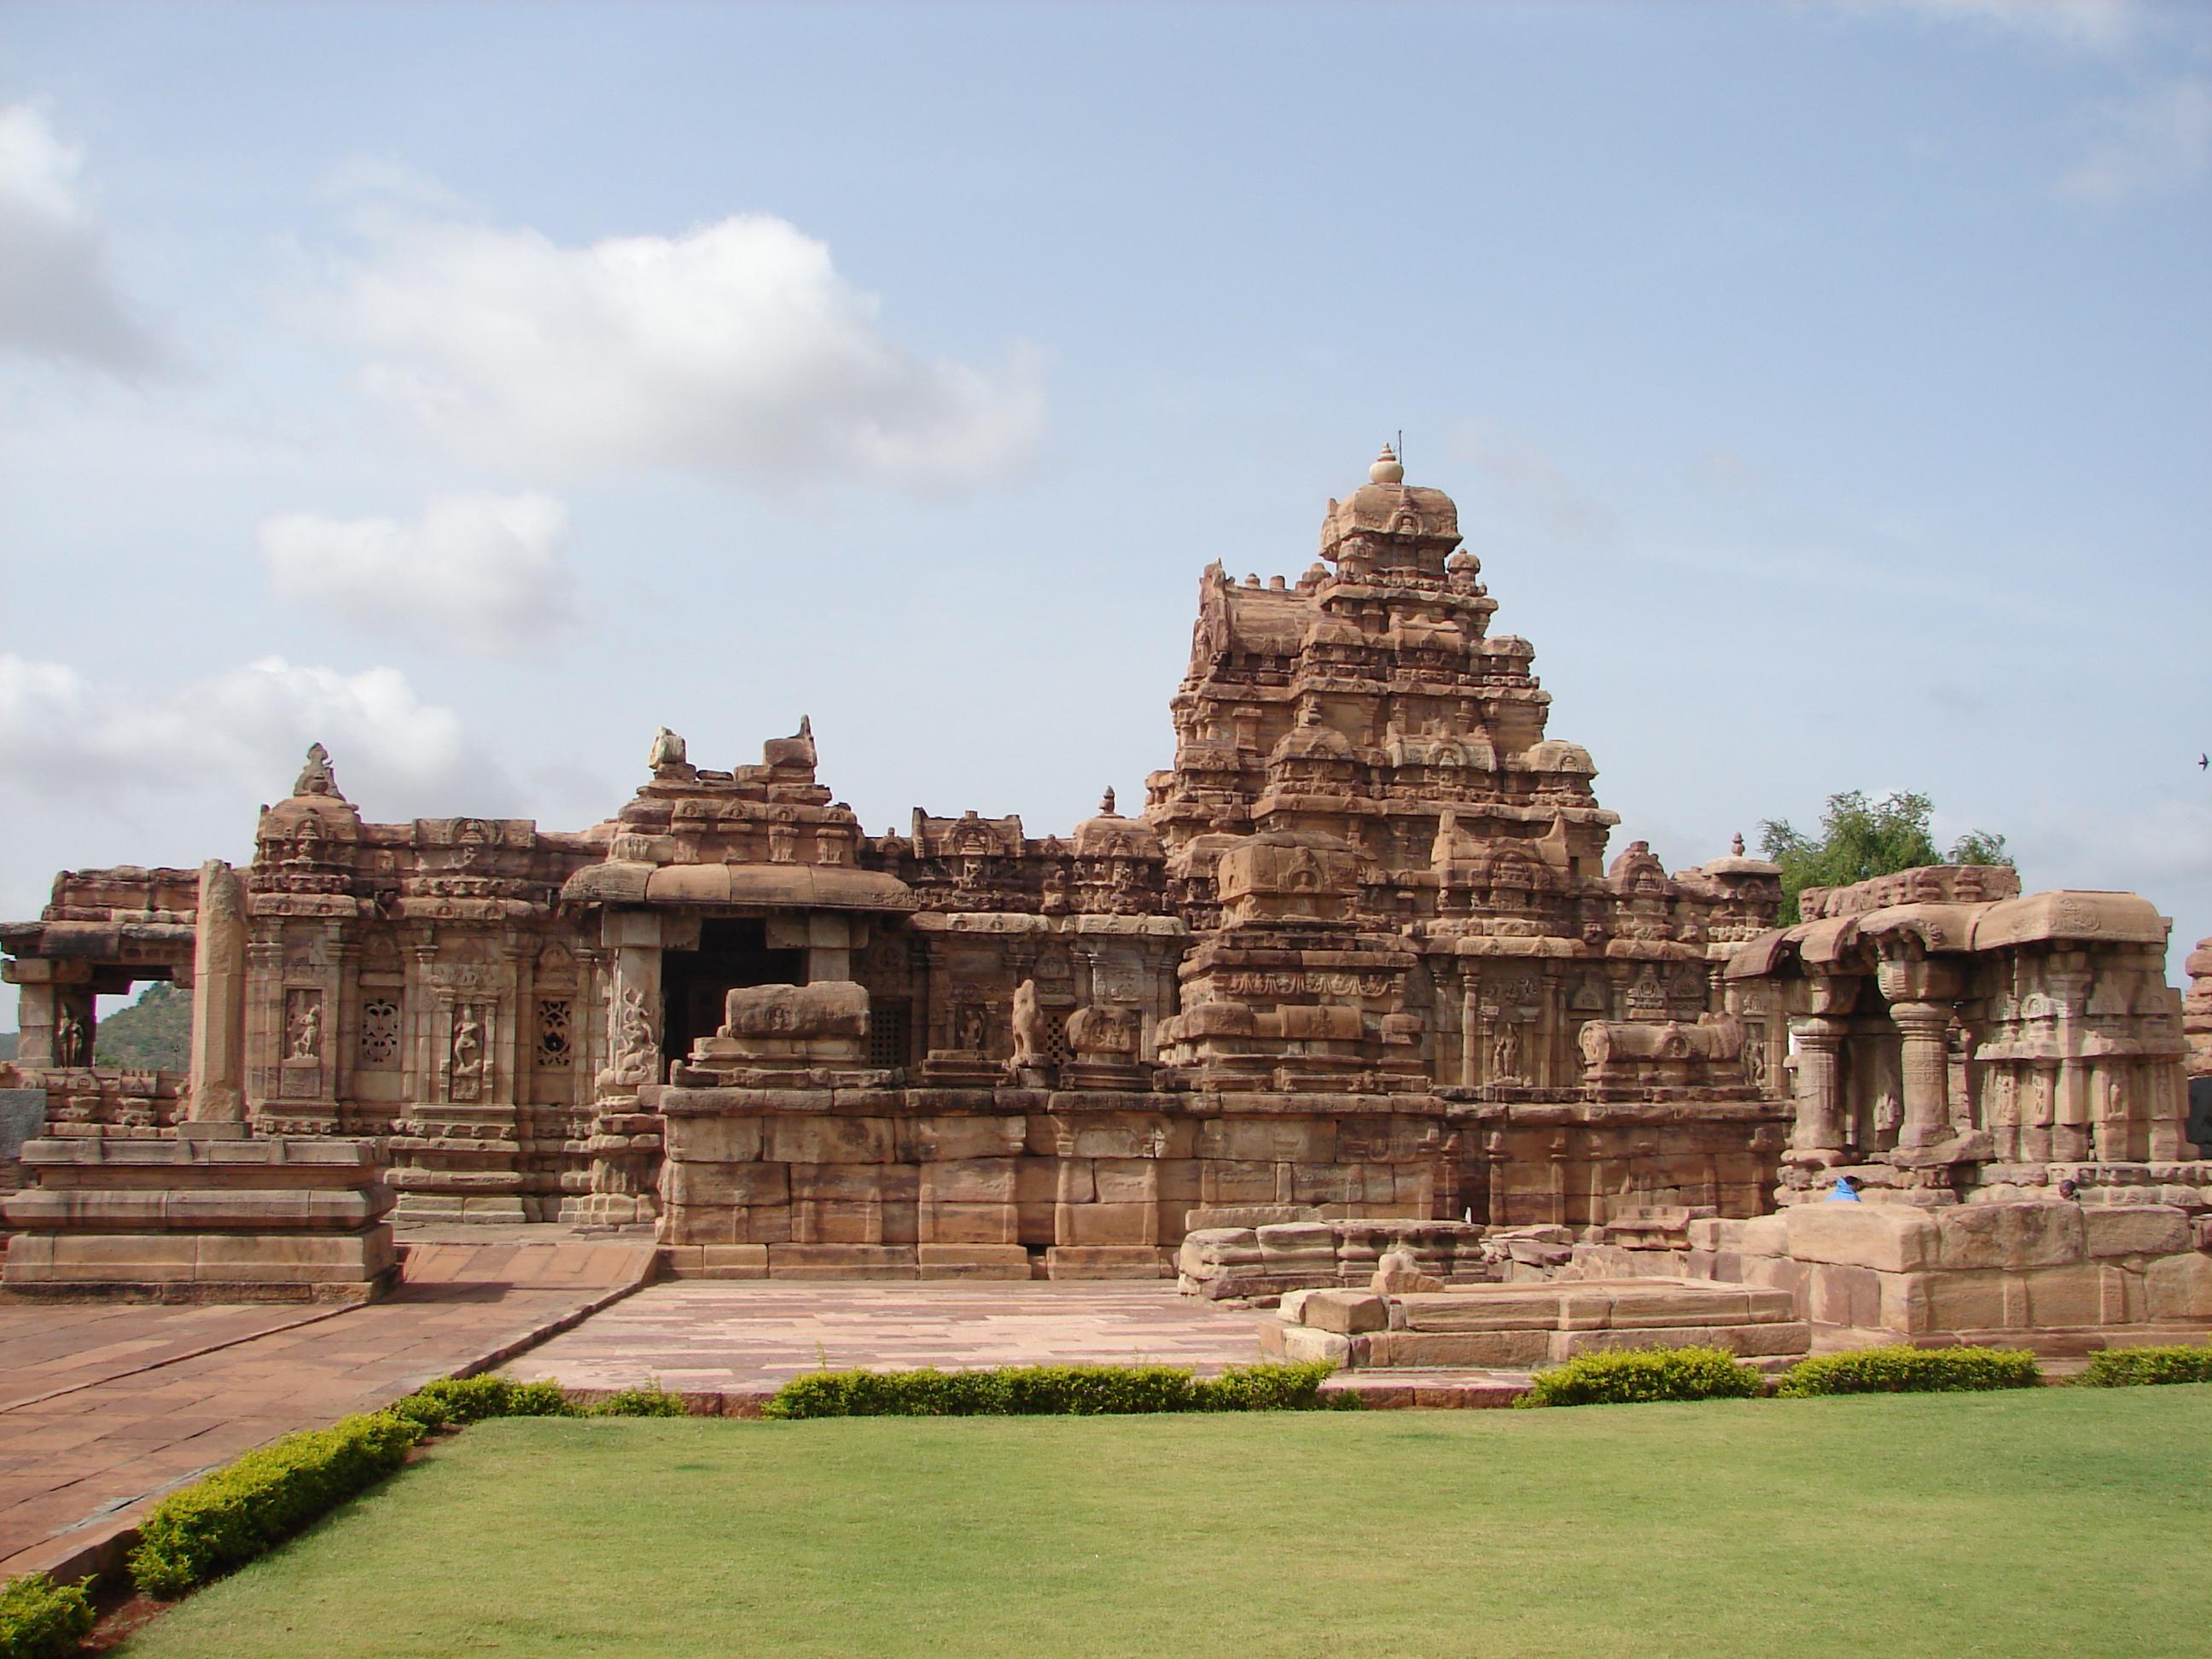 Virupaksha temple at Pattadakal